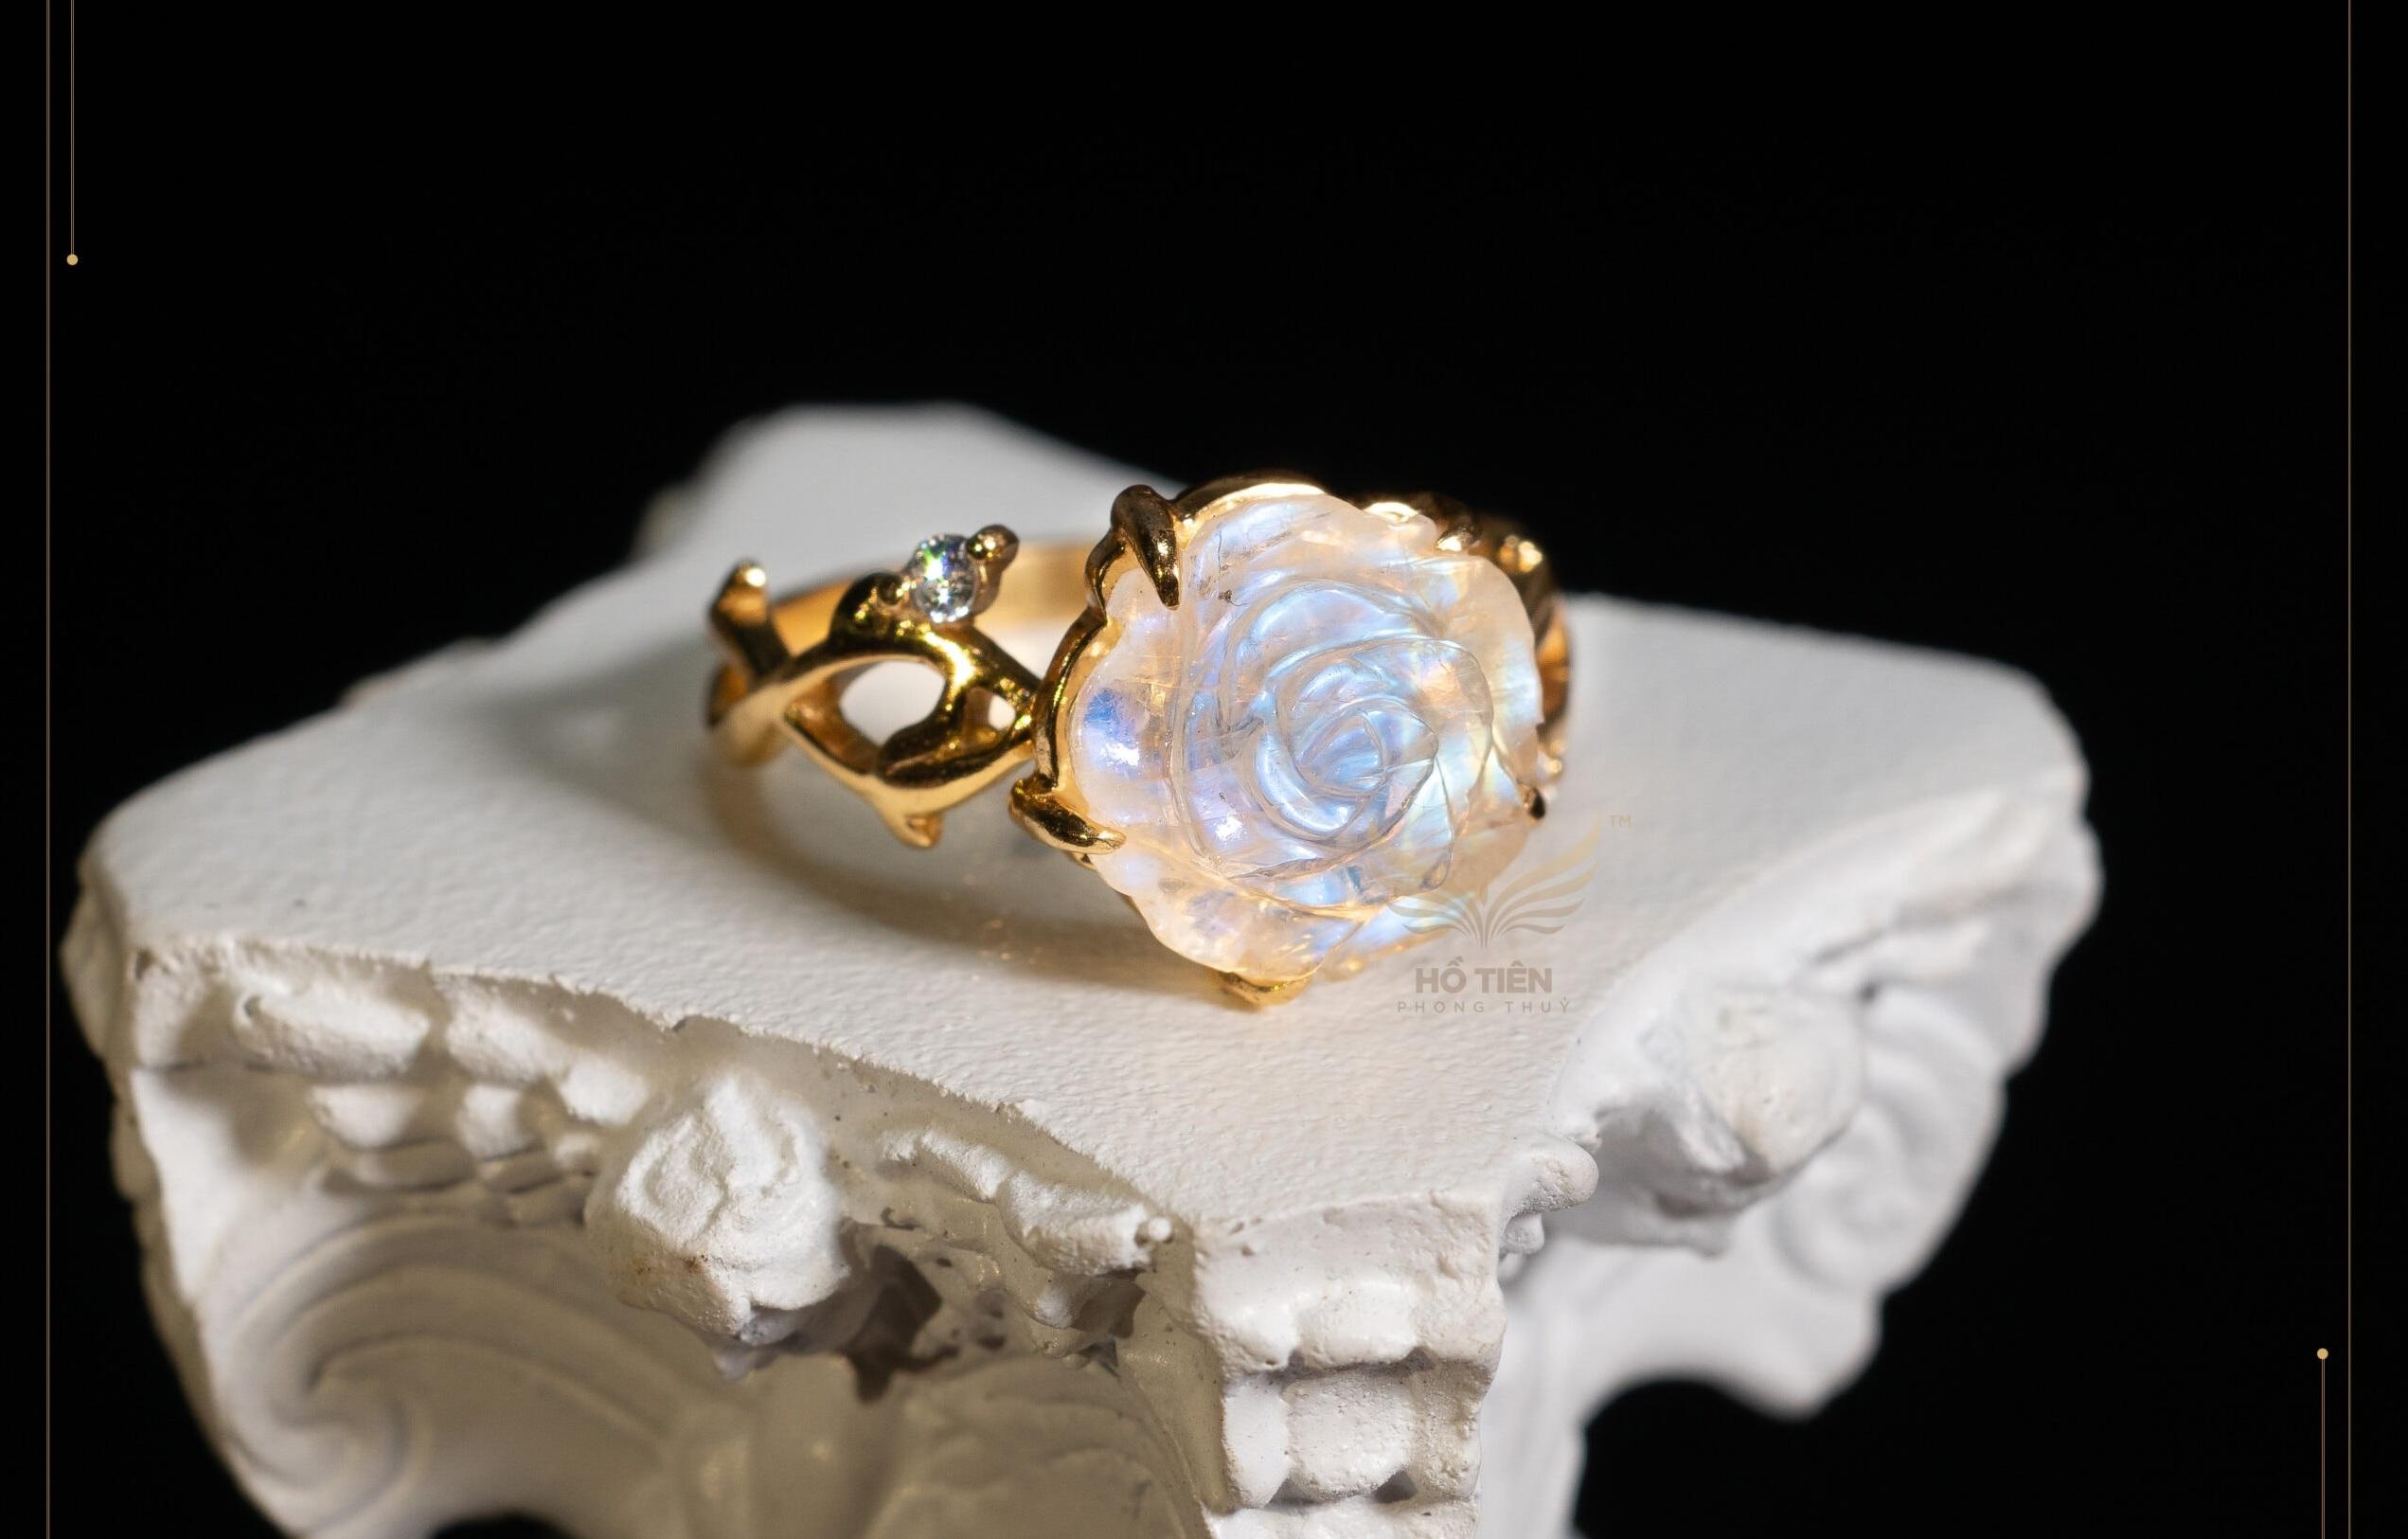 đeo nhẫn phong thủy mệnh Thủy